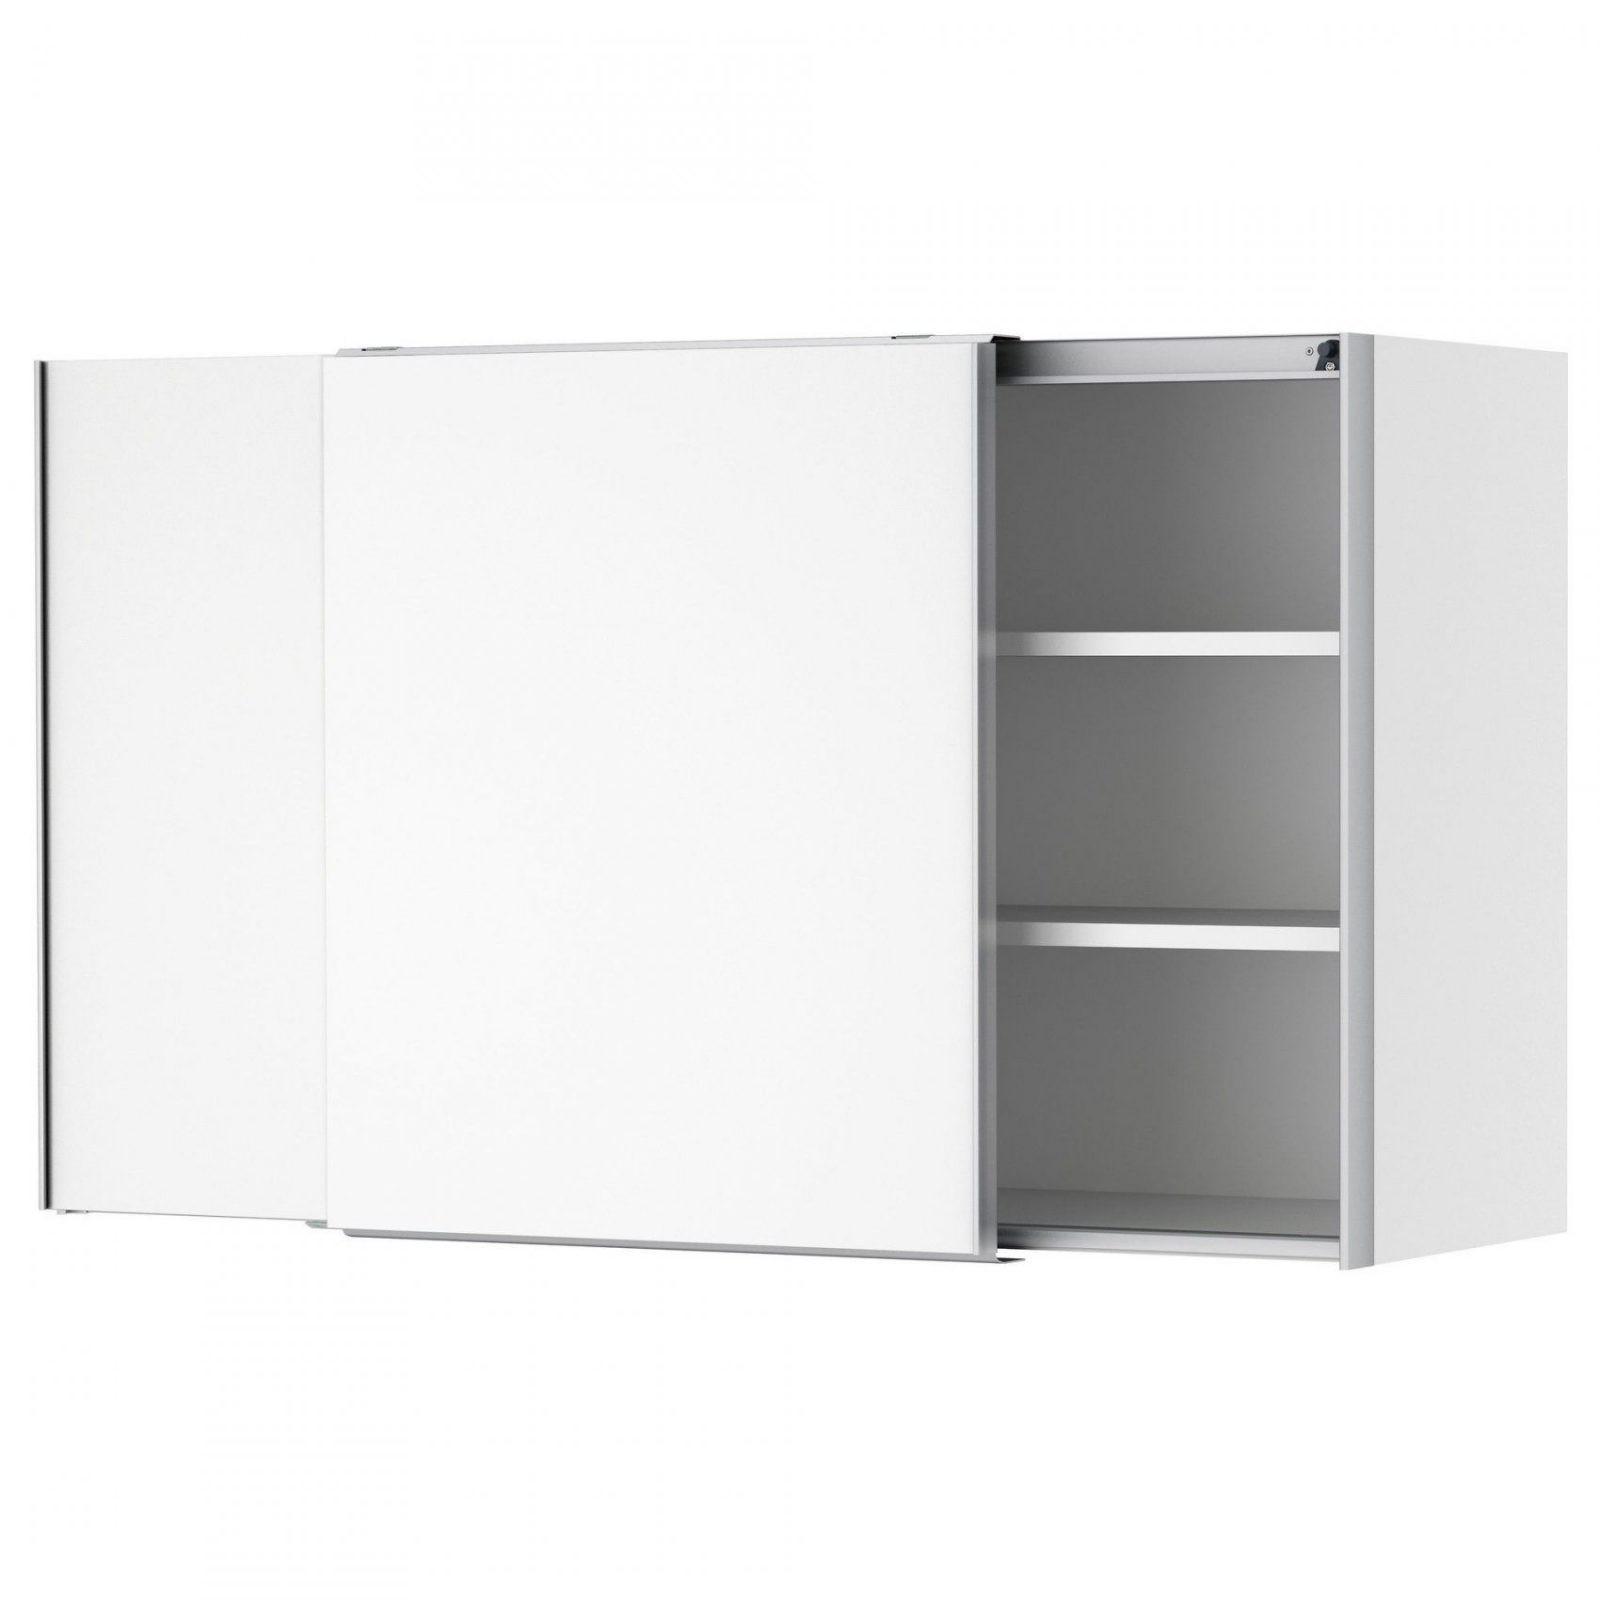 Faktum Bovenkast Met Schuifdeuren  Härlig Wit 120X70 Cm  Ikea von Sideboard Mit Schiebetüren Ikea Photo